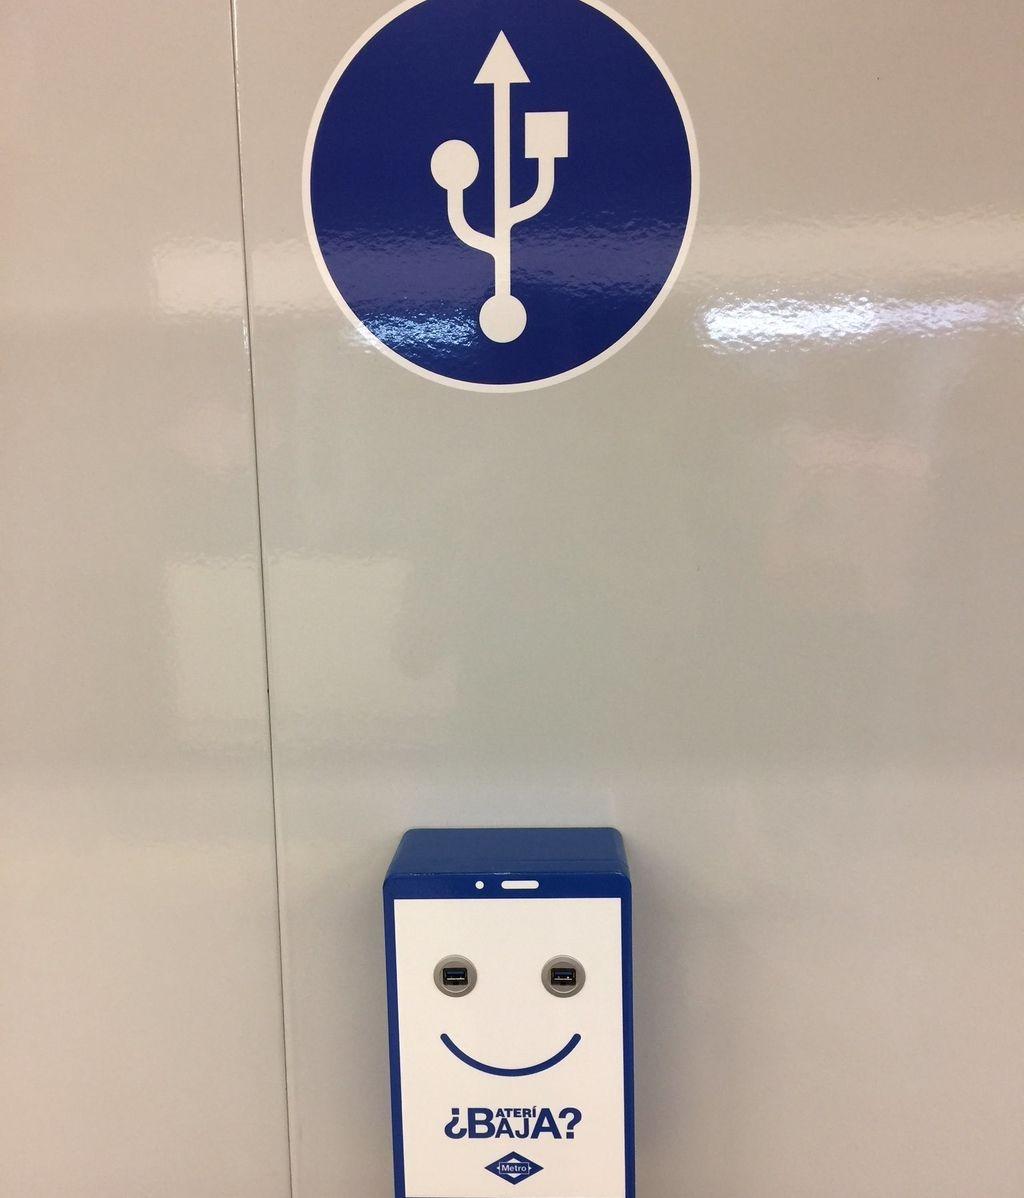 El metro de Madrid facilitará la recarga de móviles en sus andenes